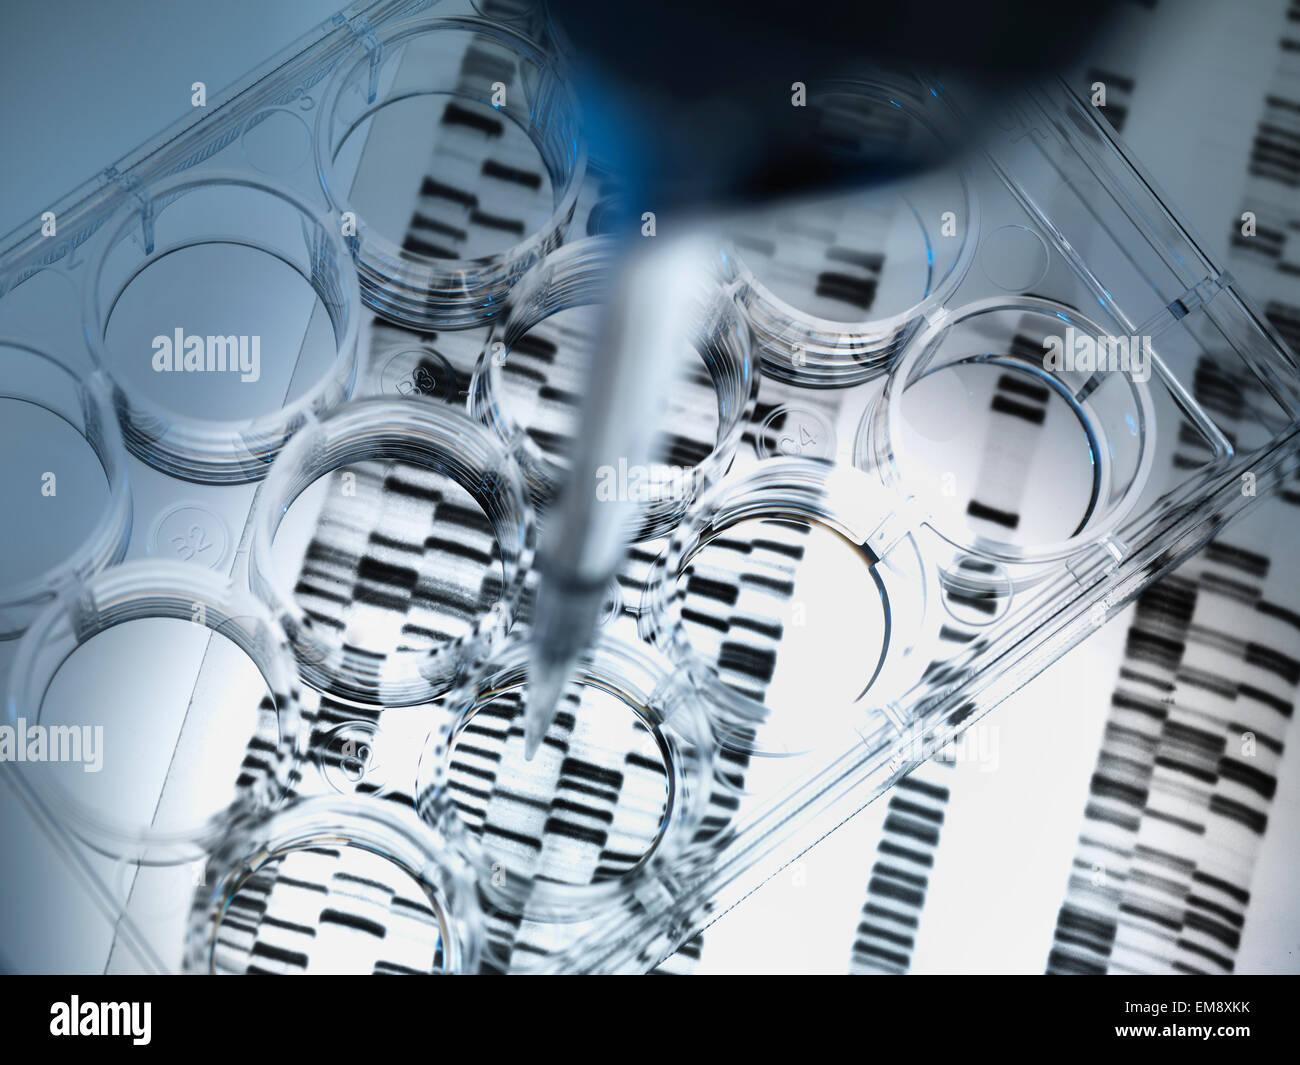 La adición de la pipeta de muestras de ADN a la bandeja para las pruebas de ADN, los resultados de gel de ADN Imagen De Stock